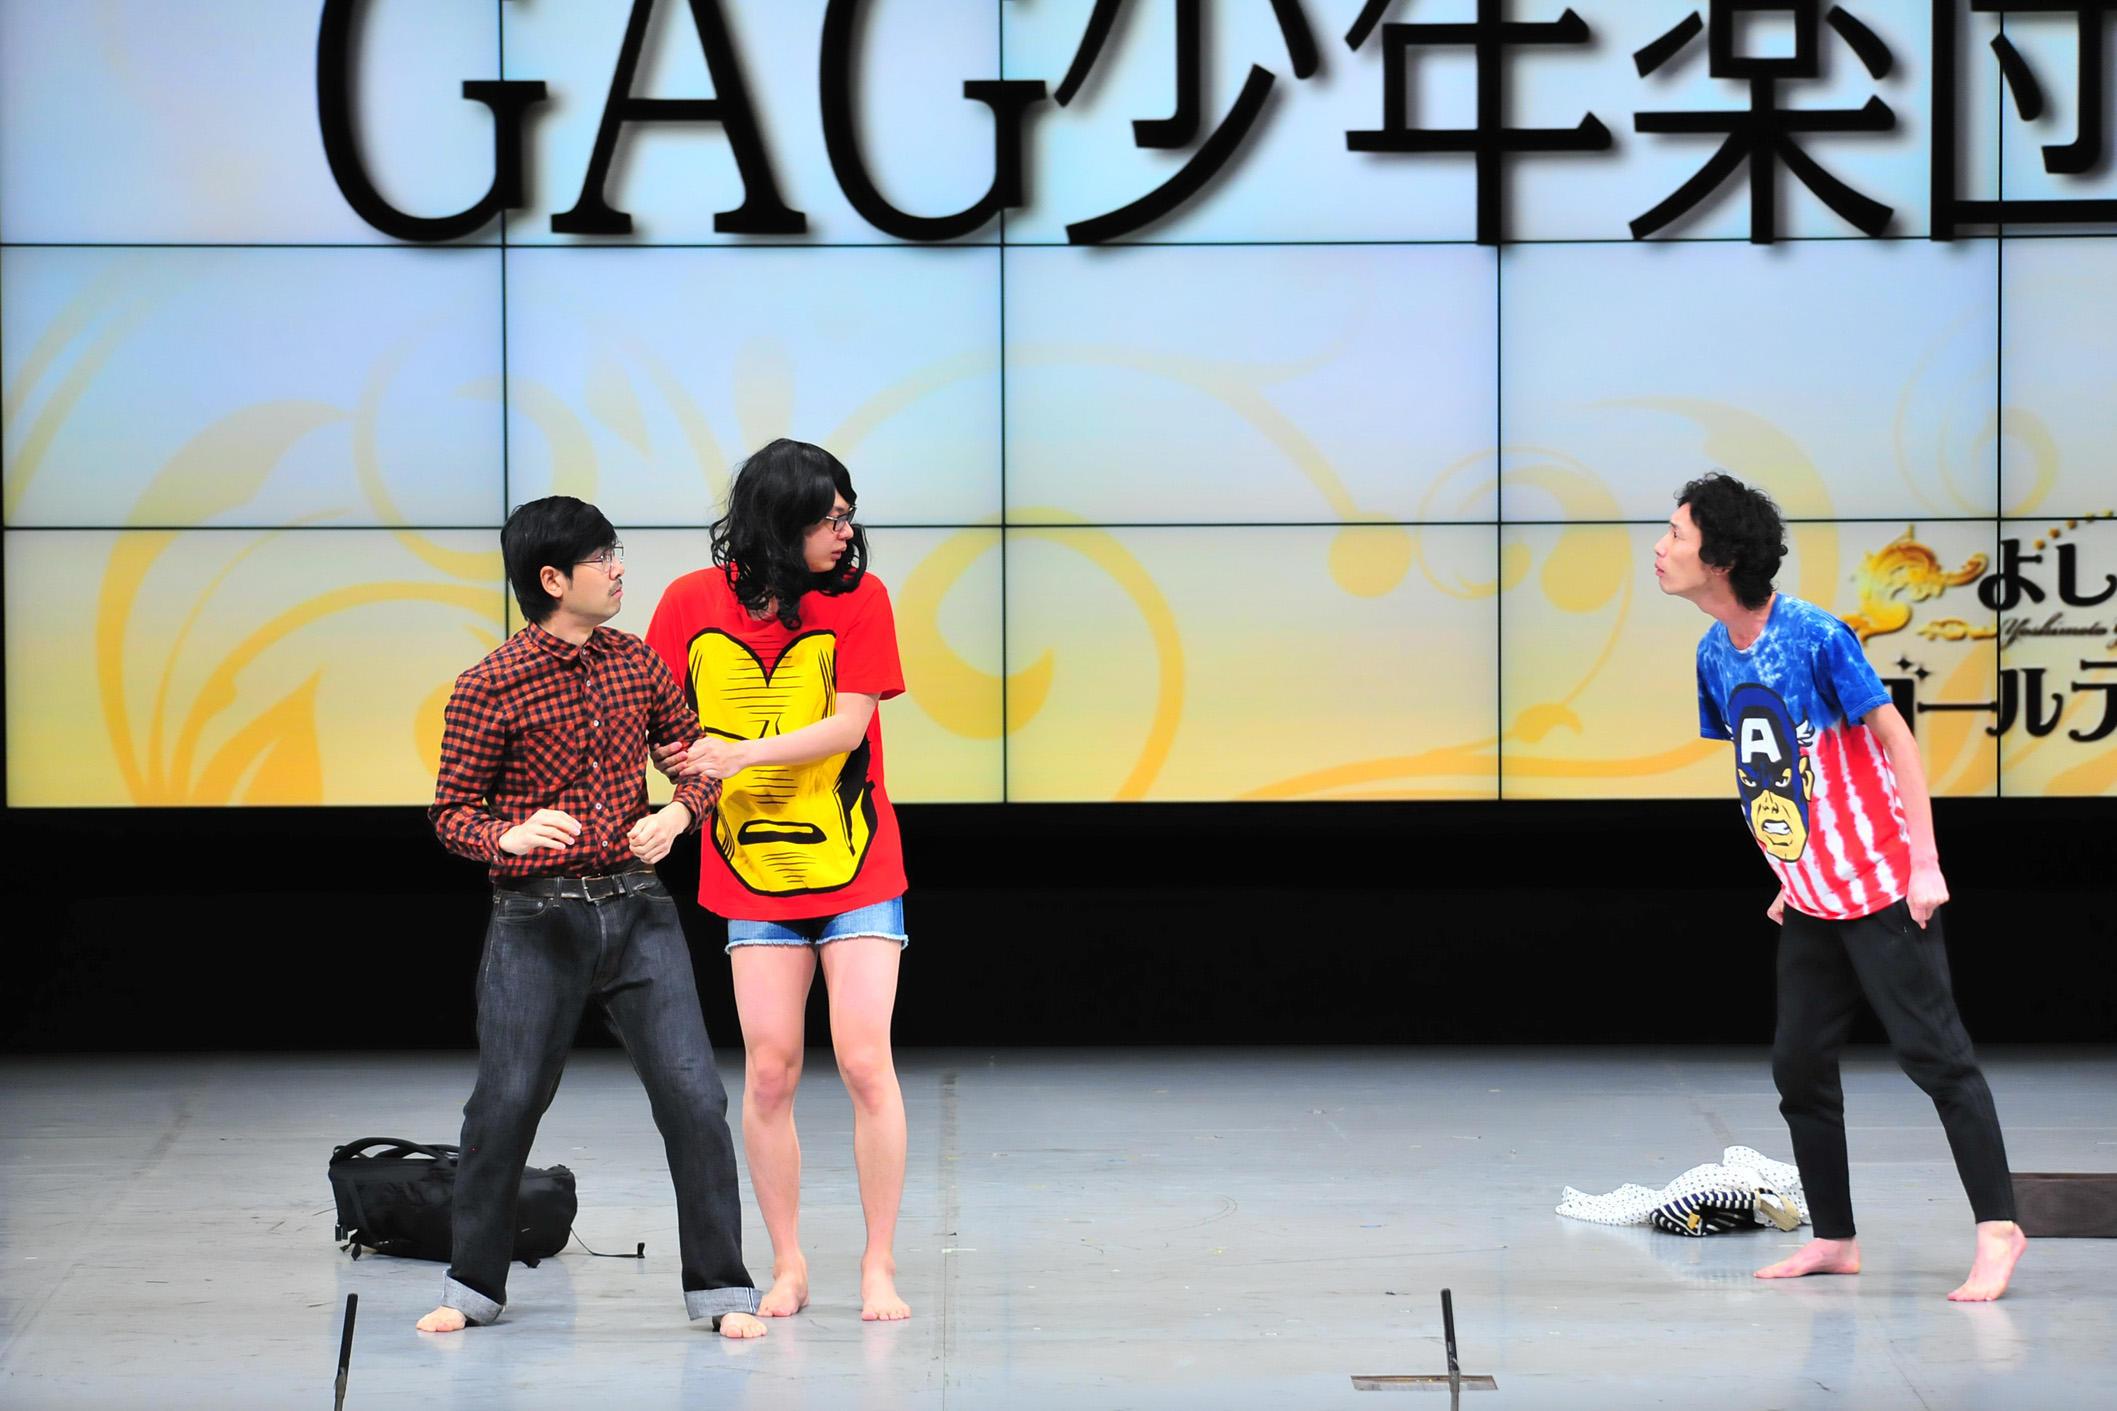 http://news.yoshimoto.co.jp/20160429204038-06404efd809350781b317c3a14b9cd31f0ec2bc1.jpg